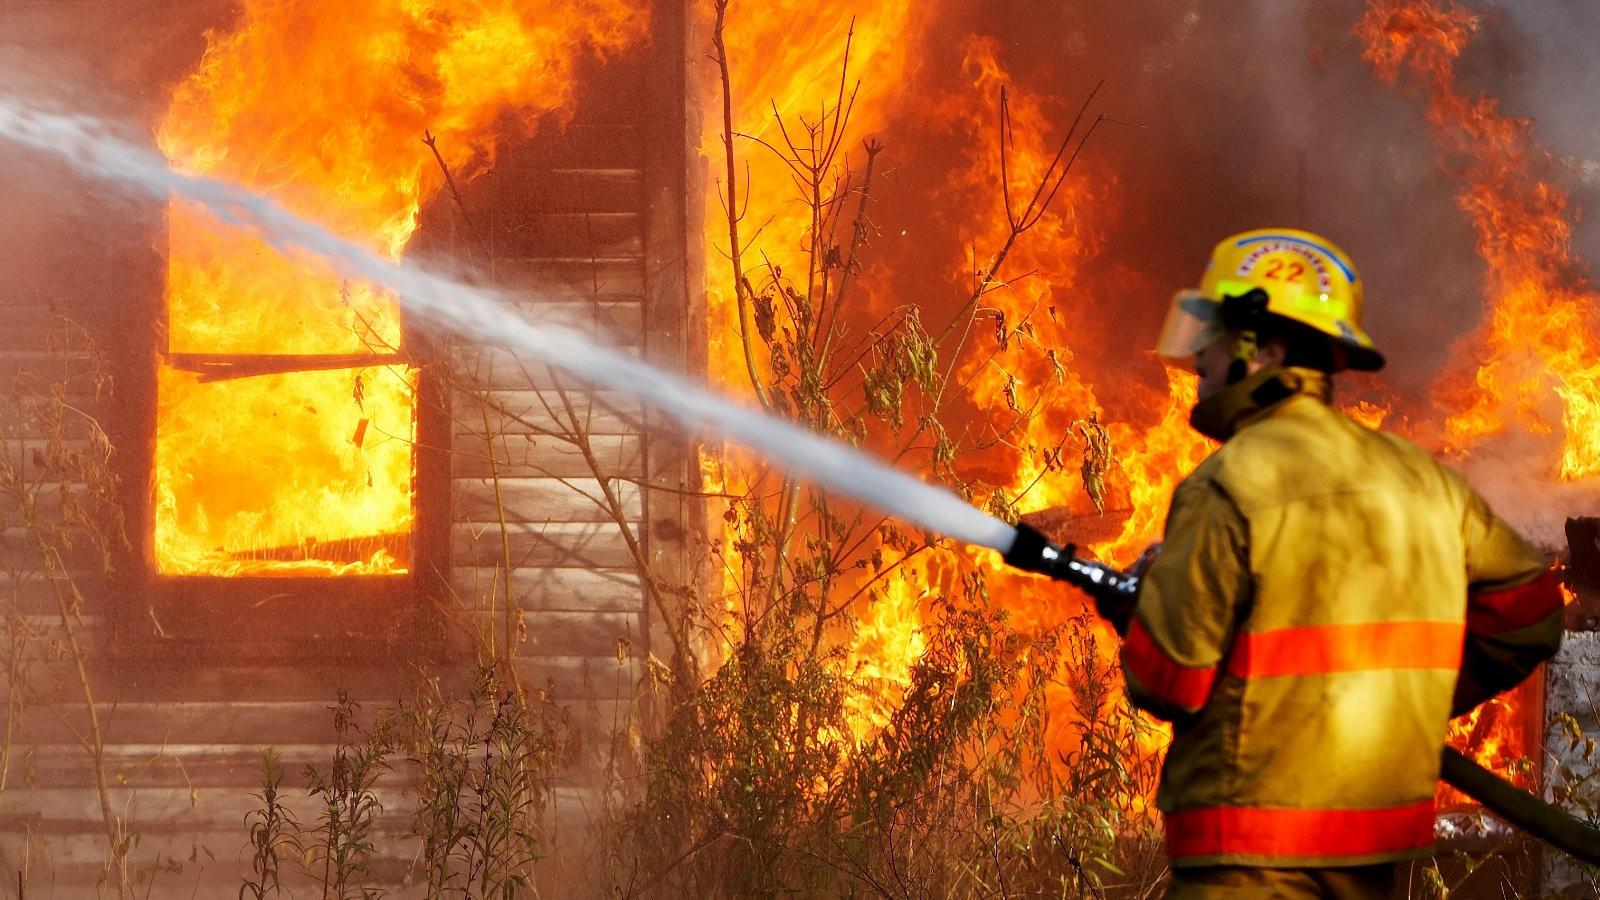 ВУпоровском районе при пожаре погибла семья изчетырех человек